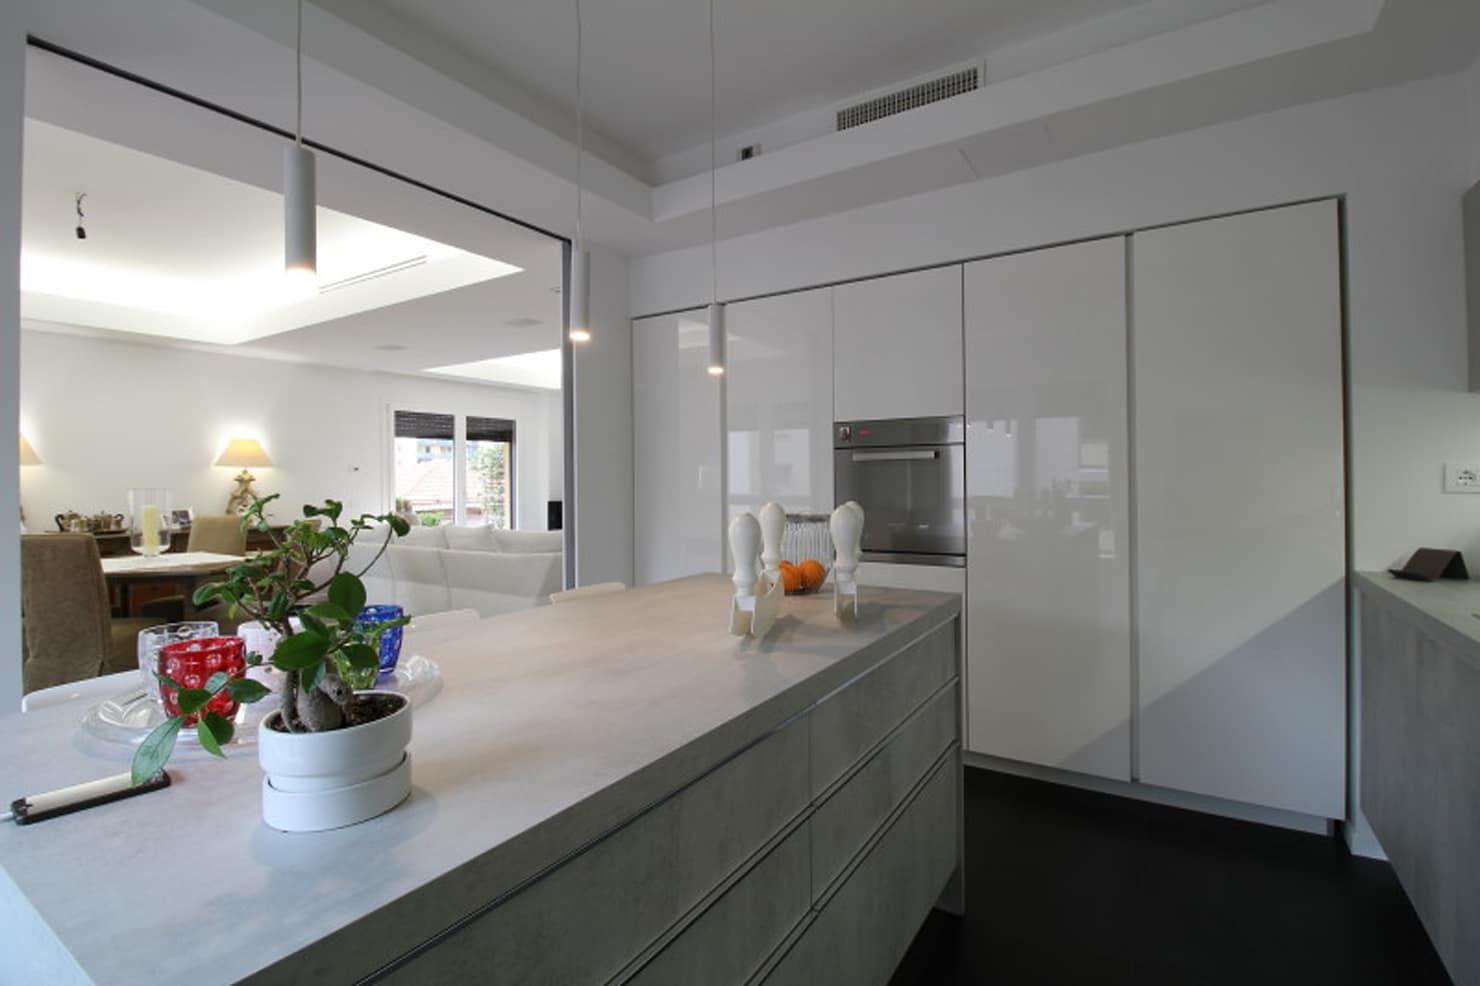 Appartamento a palermo – 2015 cucina minimalista di giuseppe rappa & angelo m. castiglione minimalista